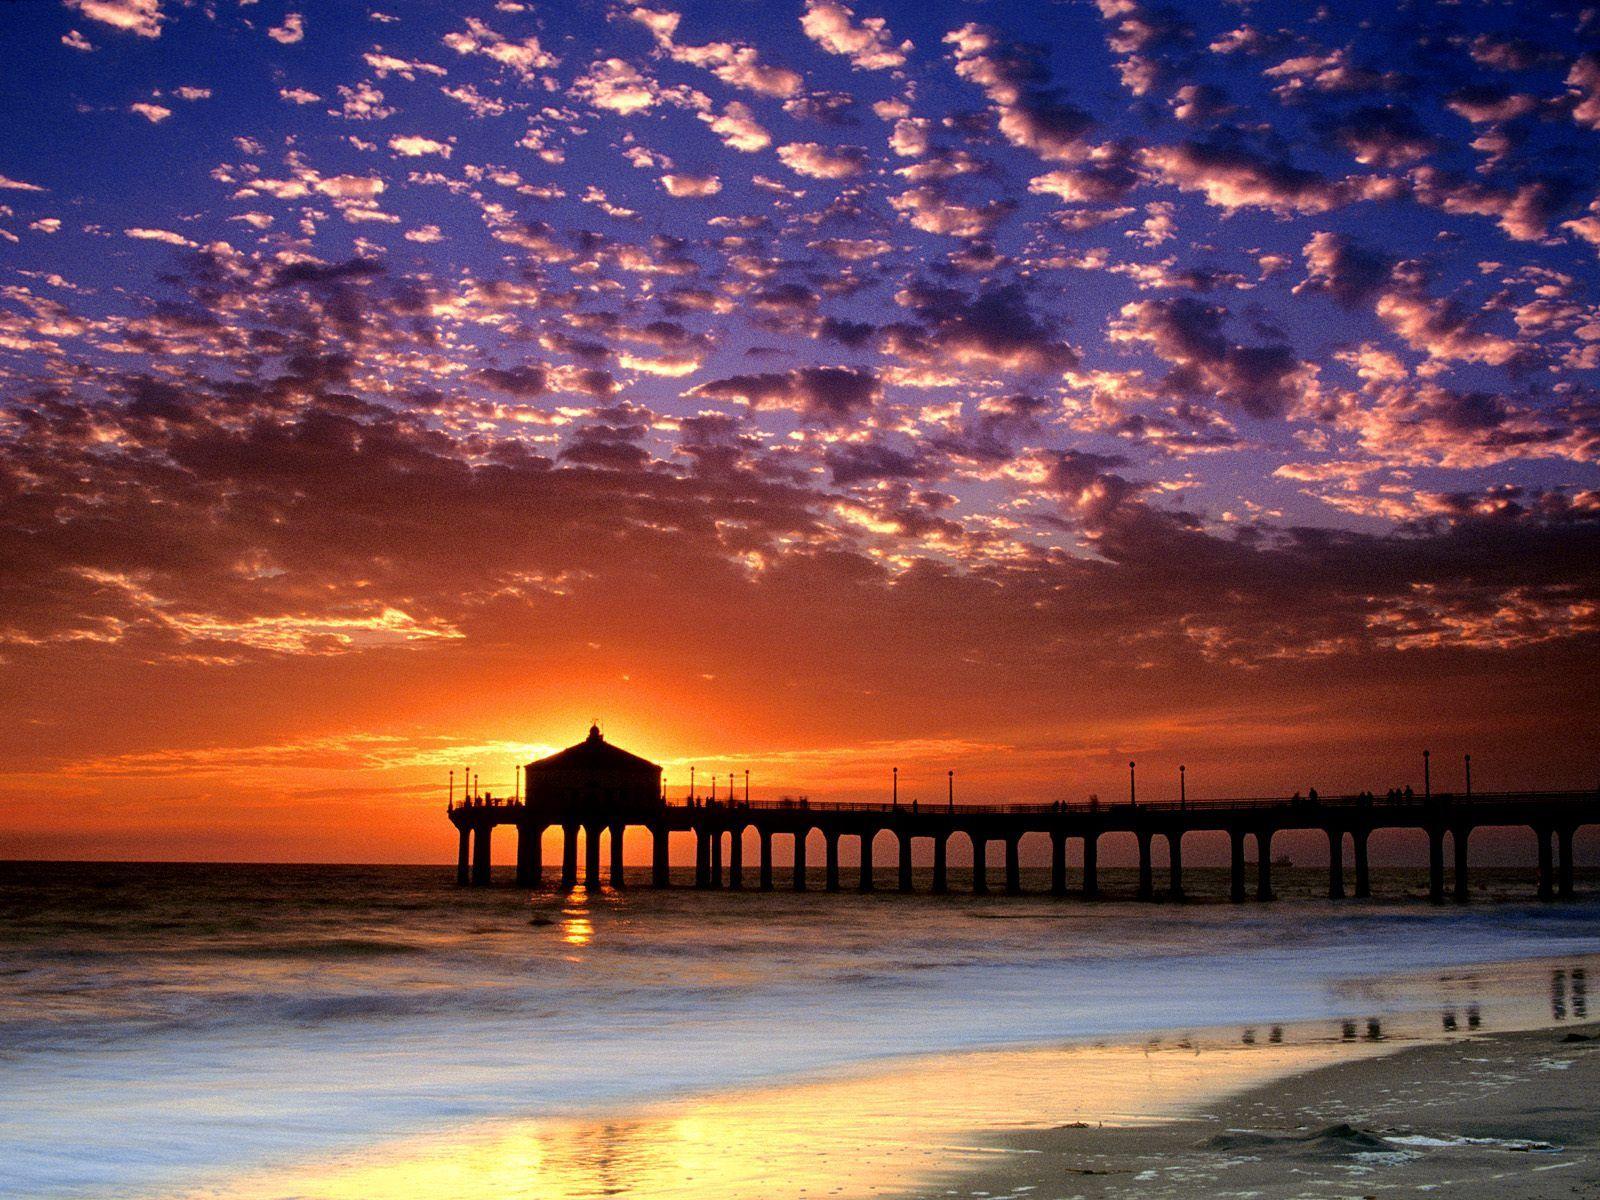 93374 скачать обои Природа, Вечер, Море, Пирс, Закат, Небо, Берег, Облака, Калифорния, Пляж, Солнце - заставки и картинки бесплатно